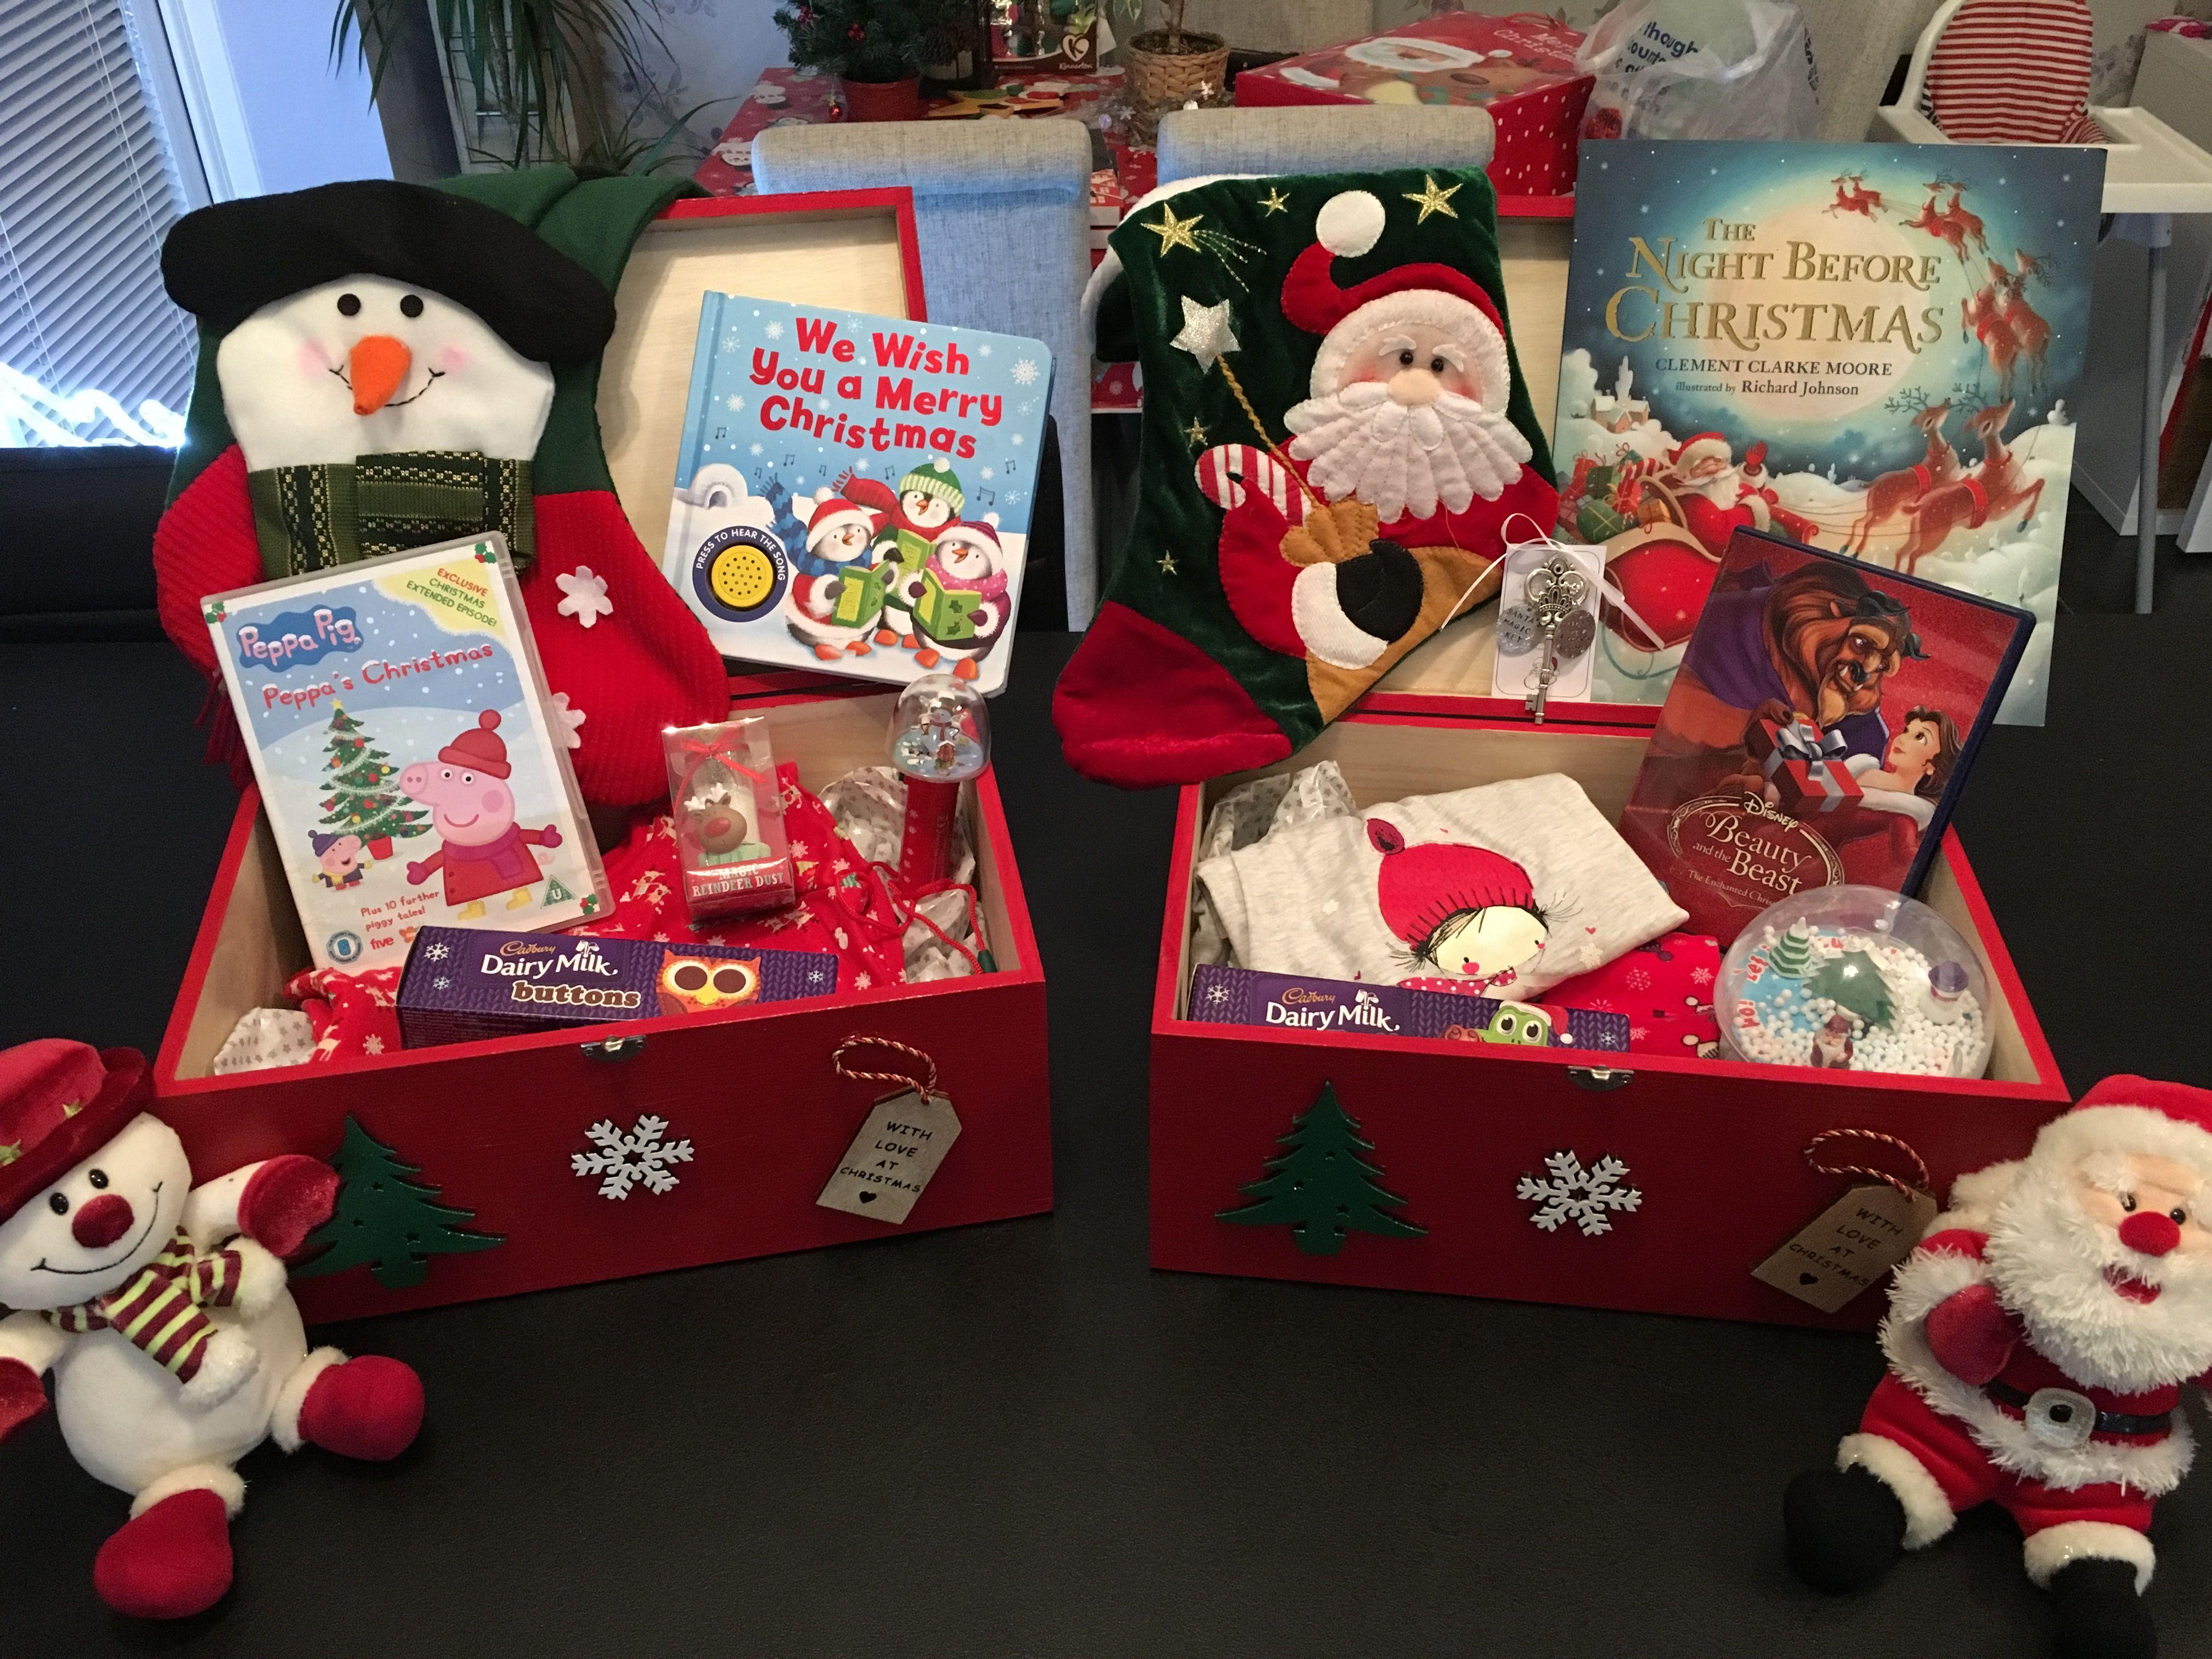 Christmas Eve Box Christmas Eve Gift Babies First Christmas Christmas Eve Box